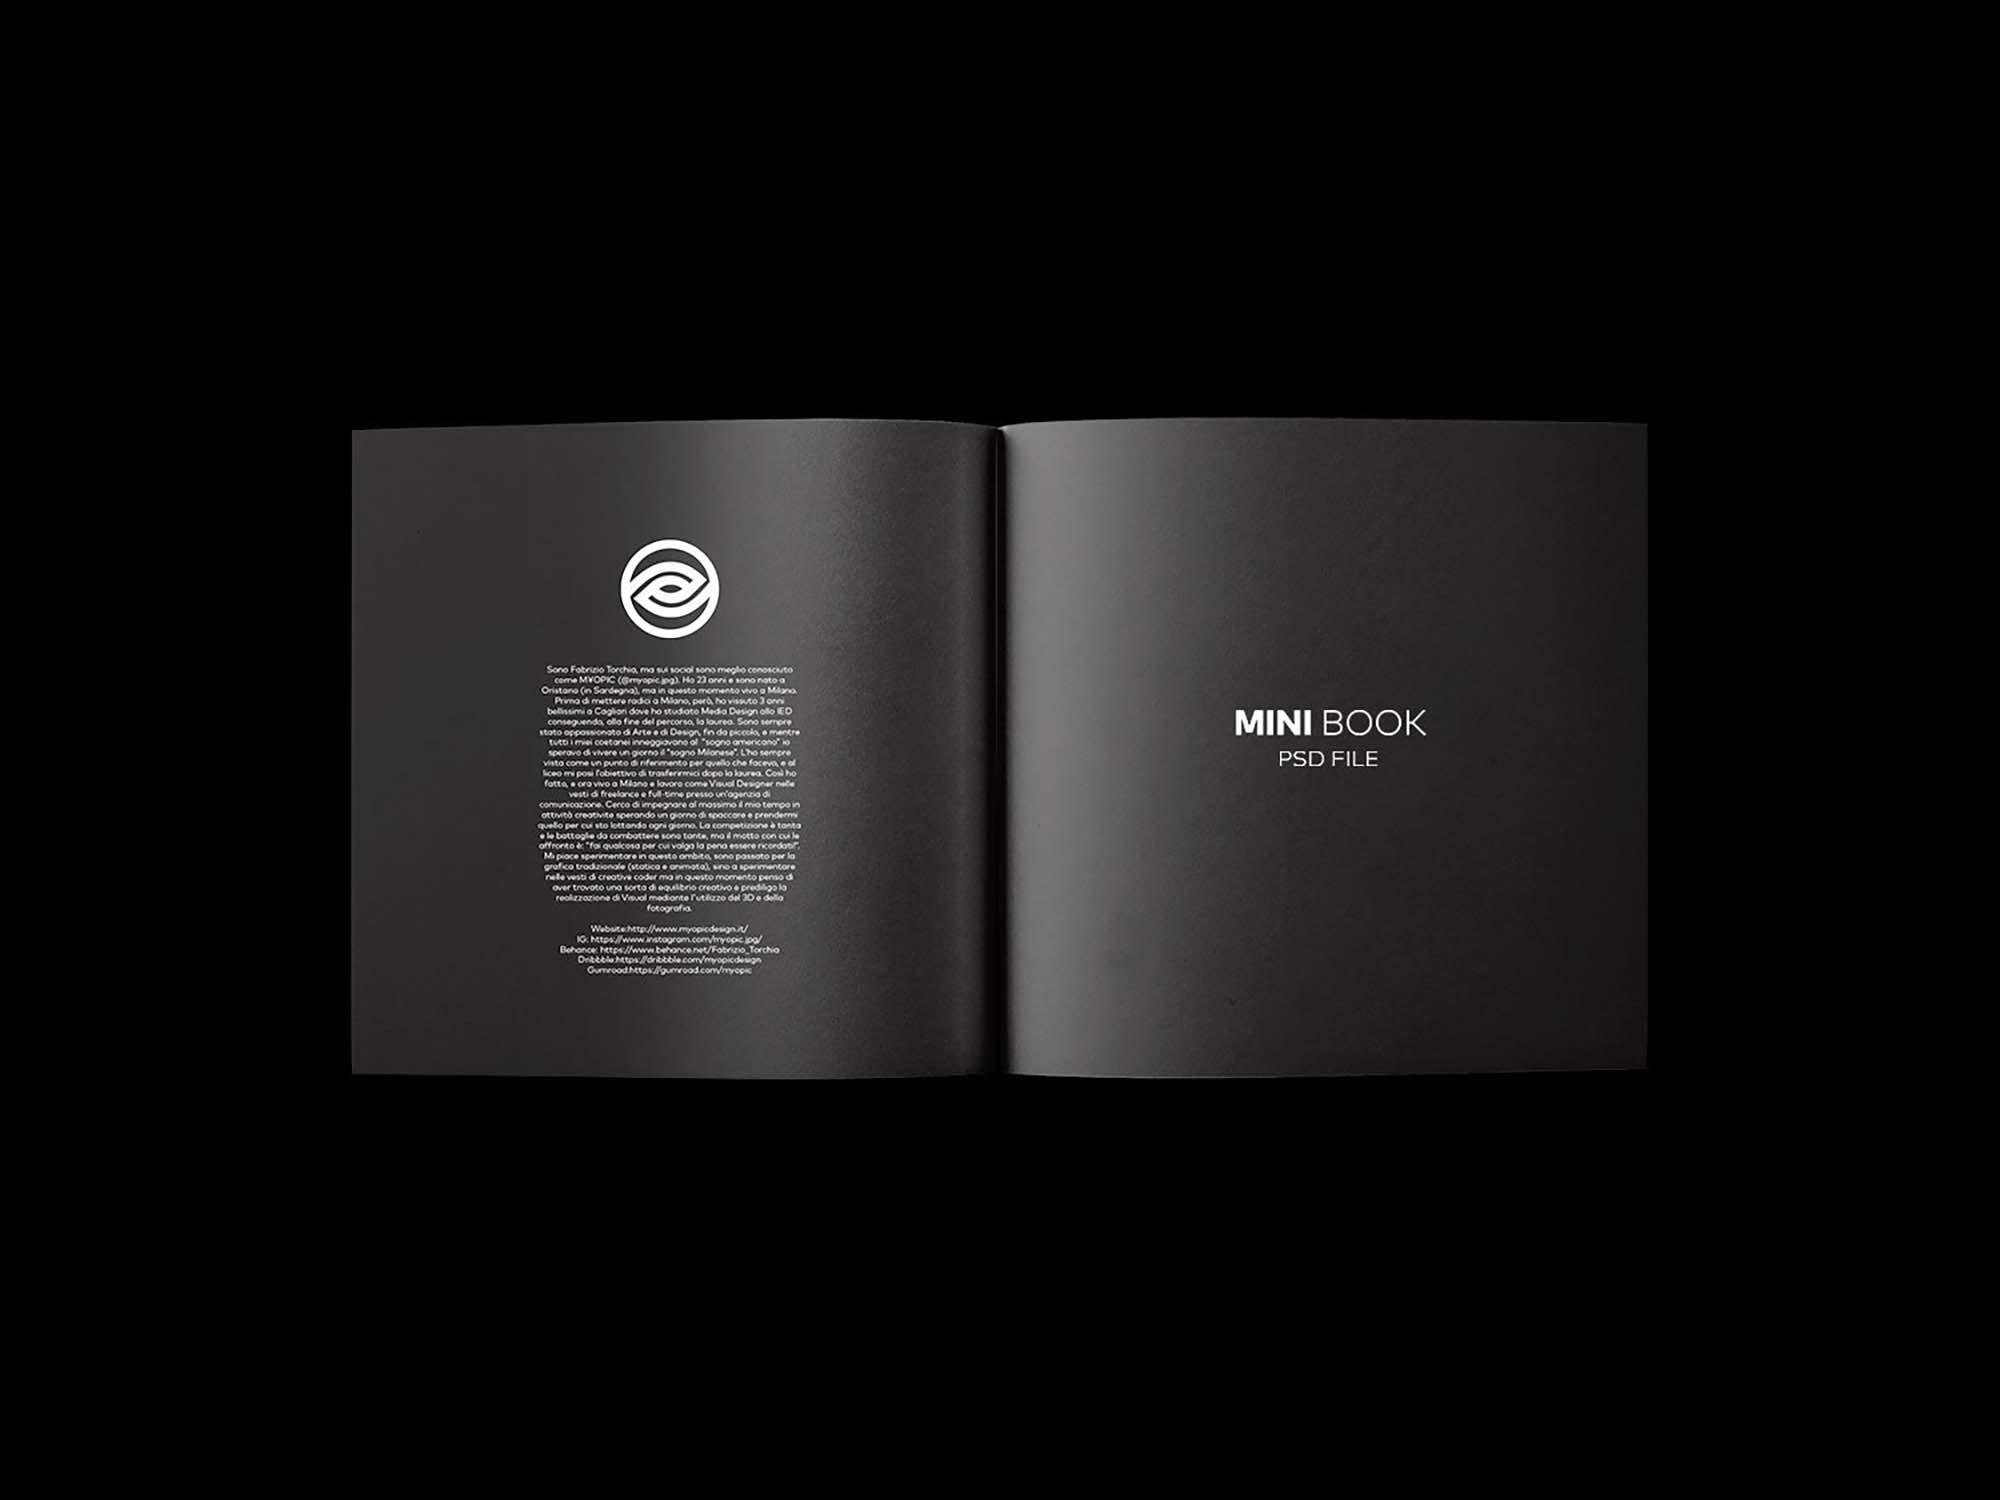 CD Mockup Set 1